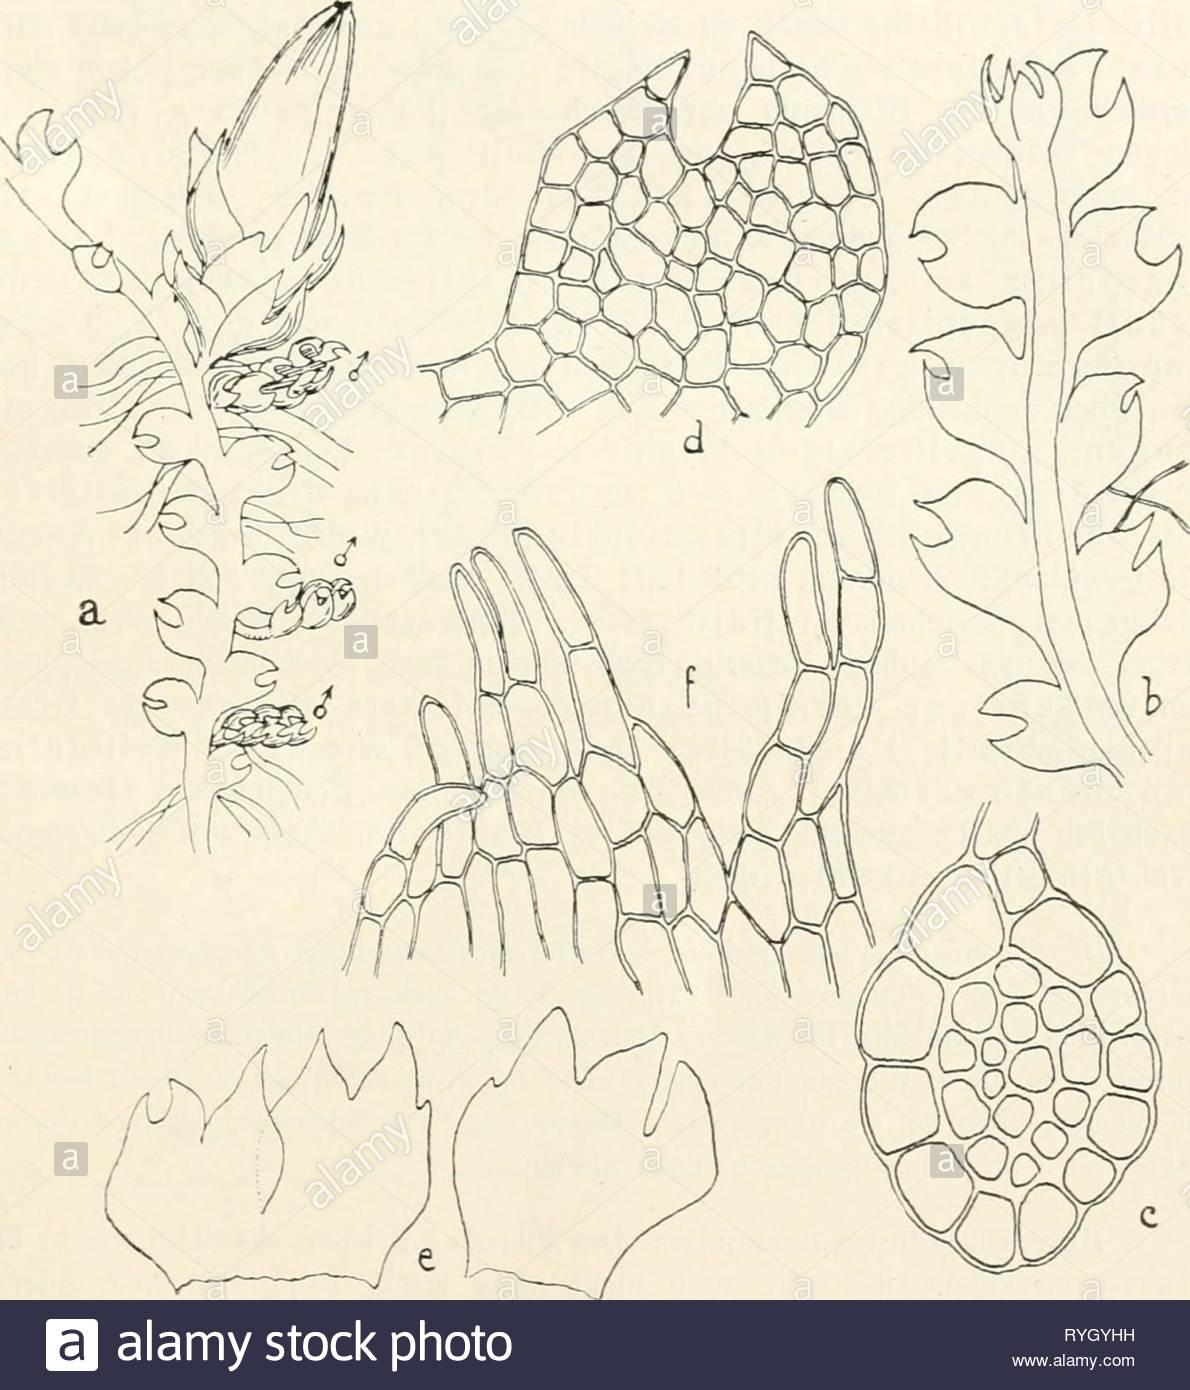 dr l rabenhorsts kryptogamen flora von deutschland oesterreich und der schweiz drlrabenhorstskr0602rabe year 1912 cephalozia 55 pflanze kommt wahrecheinlich auch in mitteleuropa vor doch ist sie bis jetzt zu wenig bekannt gewesen und darum voraussichtlich mit c media ver wechselt worden lm bryologen mit ser seltenheit besser bekannt zu machen ist sie abgebildet worden standorte finnland prov nyland paroecia pern sund 1873 justin det lindberg paroecia lojo ad lill ojamo 1877 s 0 lindberg in jugo loh jan selka 1881 s o lindbergj originale schweden RYGYHH